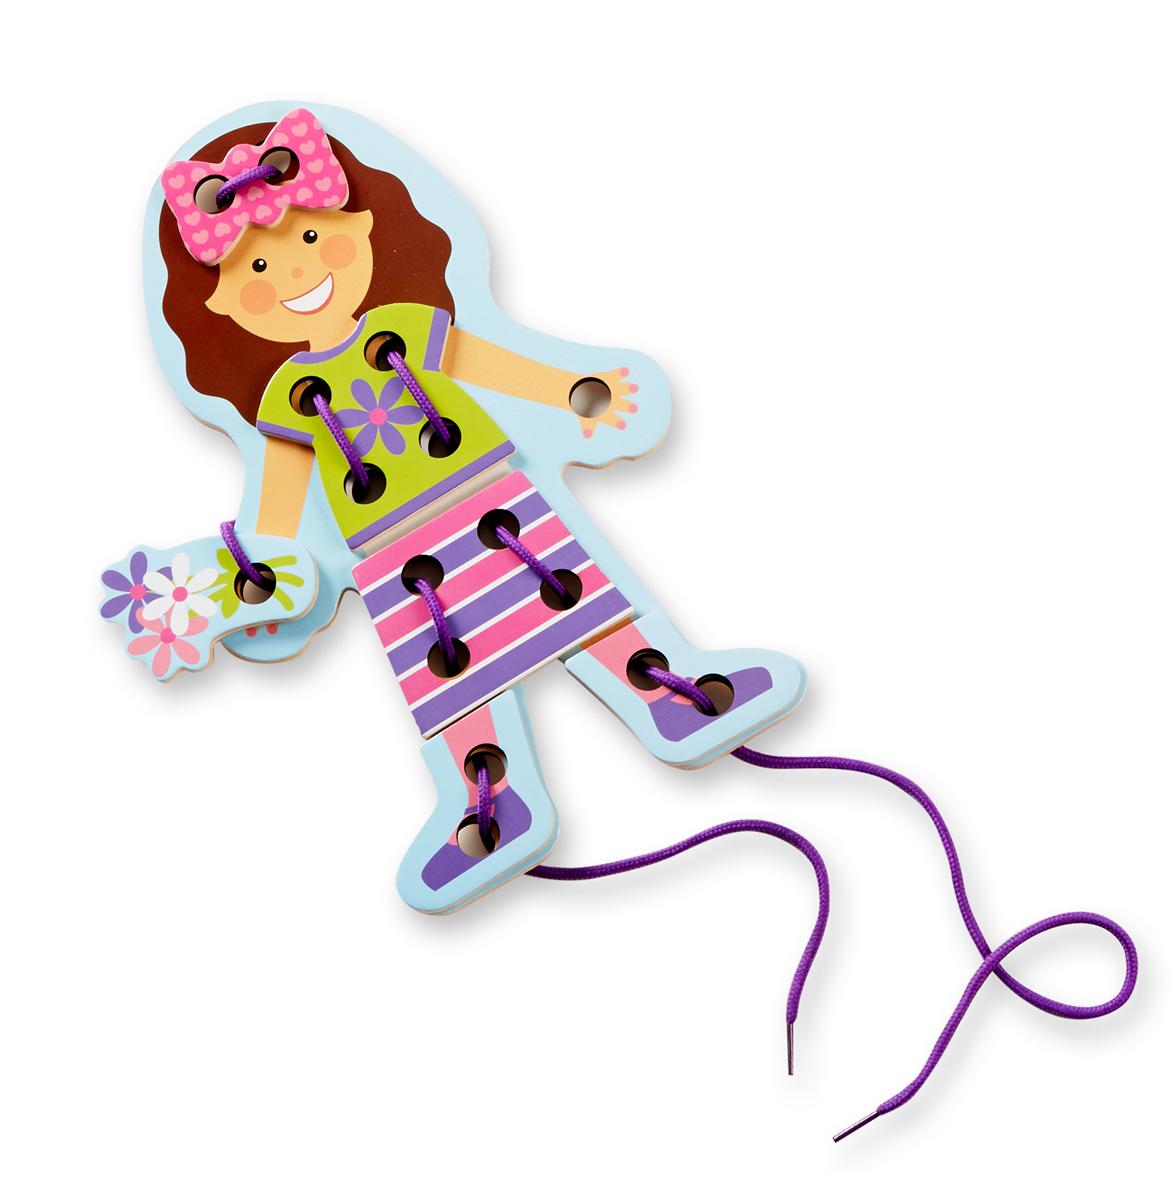 Кукла - Моя первая шнуровка из серии Первые навыки, Melissa&Doug  - купить со скидкой